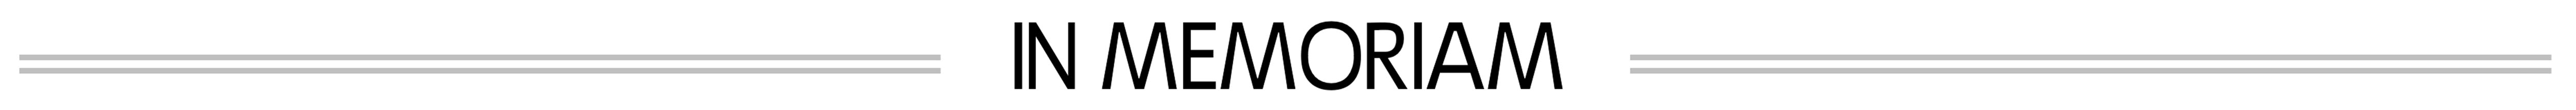 InMemoriam-header